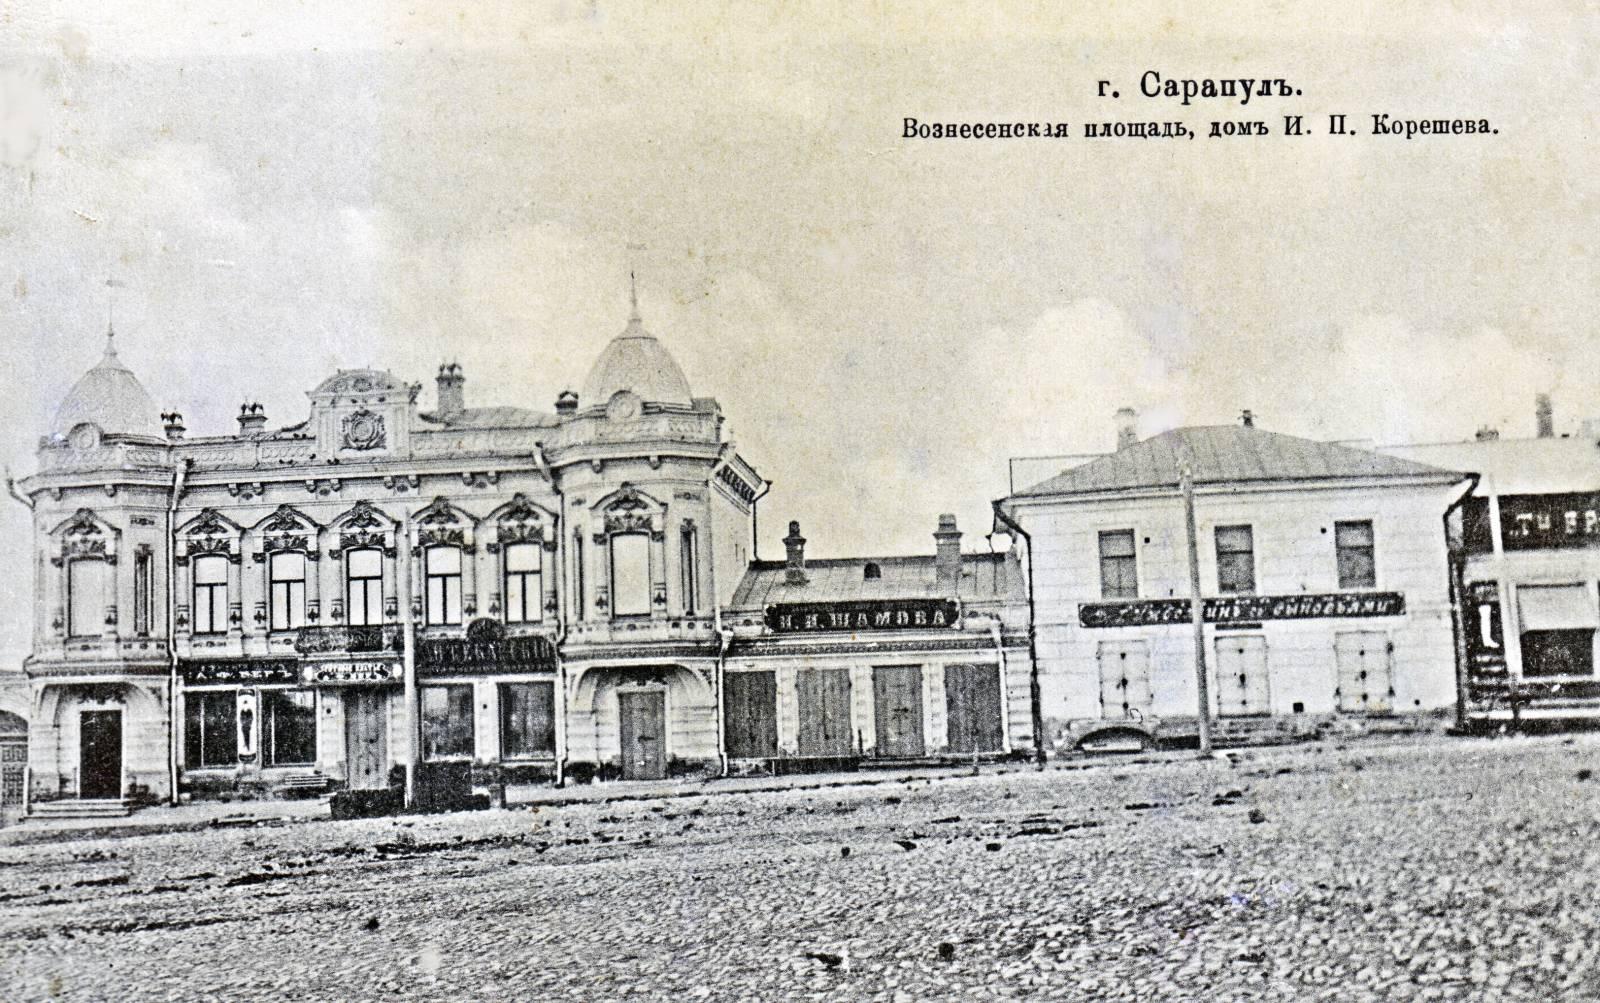 Вознесенская площадь, дом И.П. Корешева